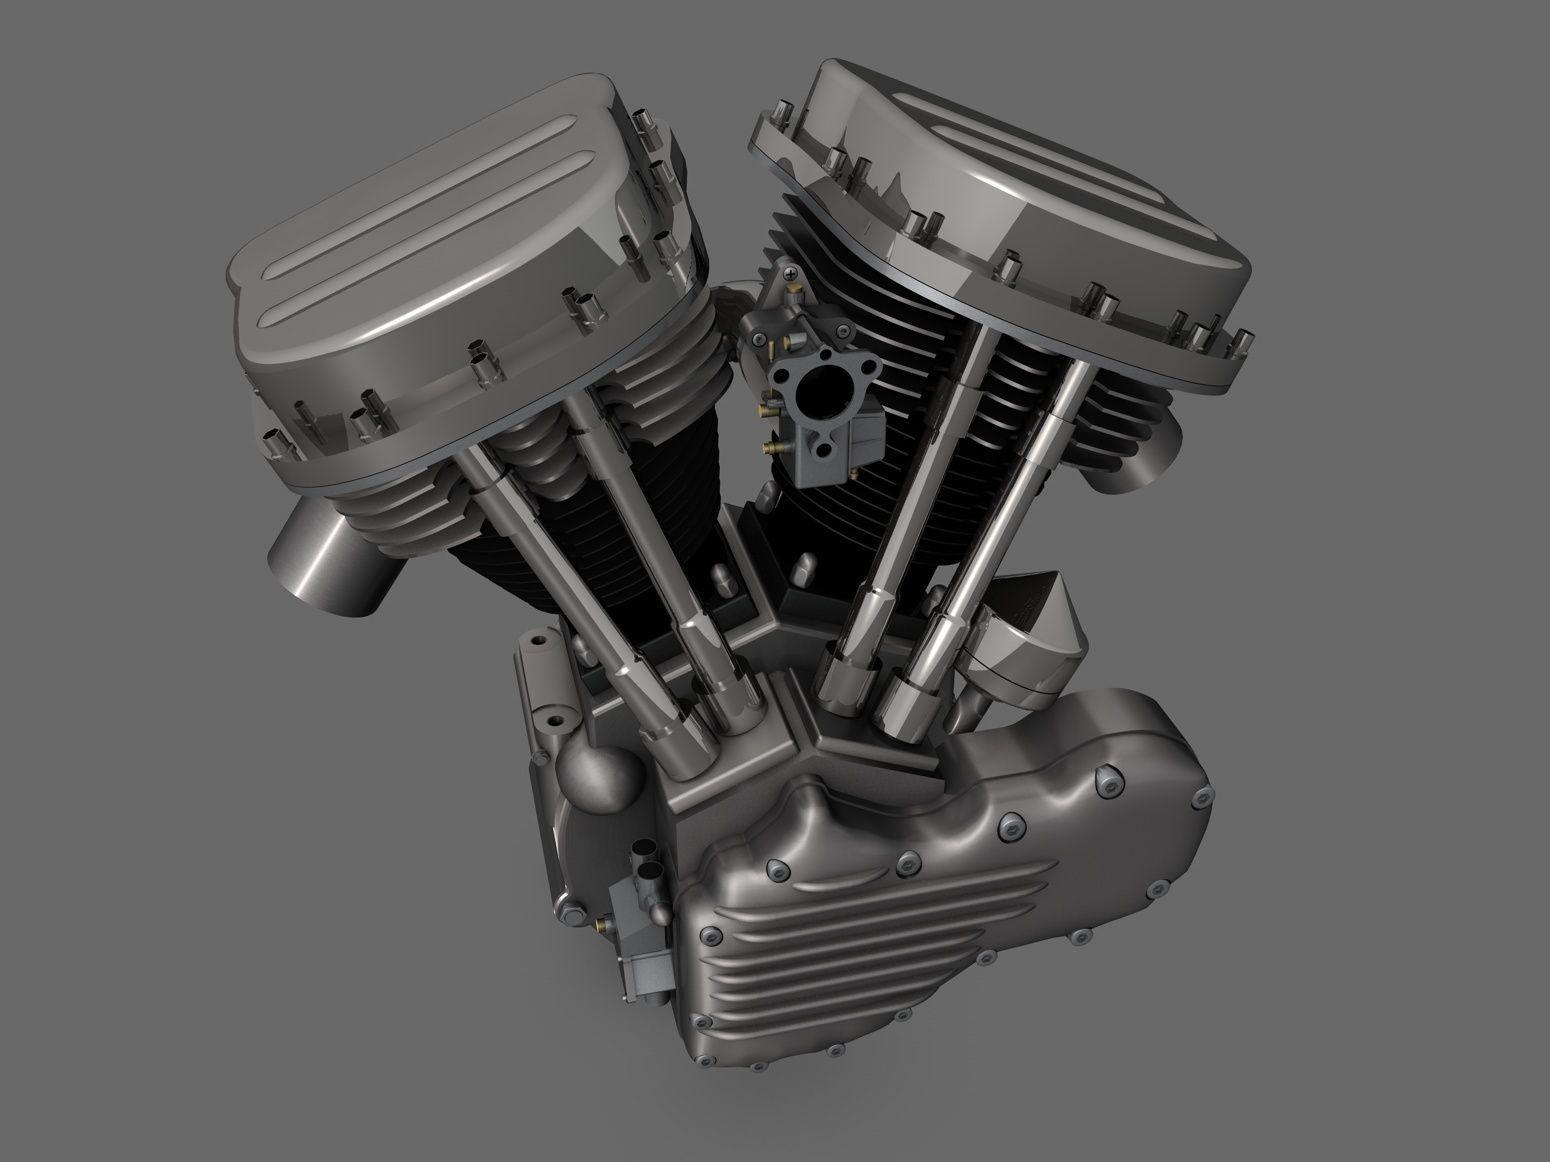 Panhead Harley Motorcycle Engine